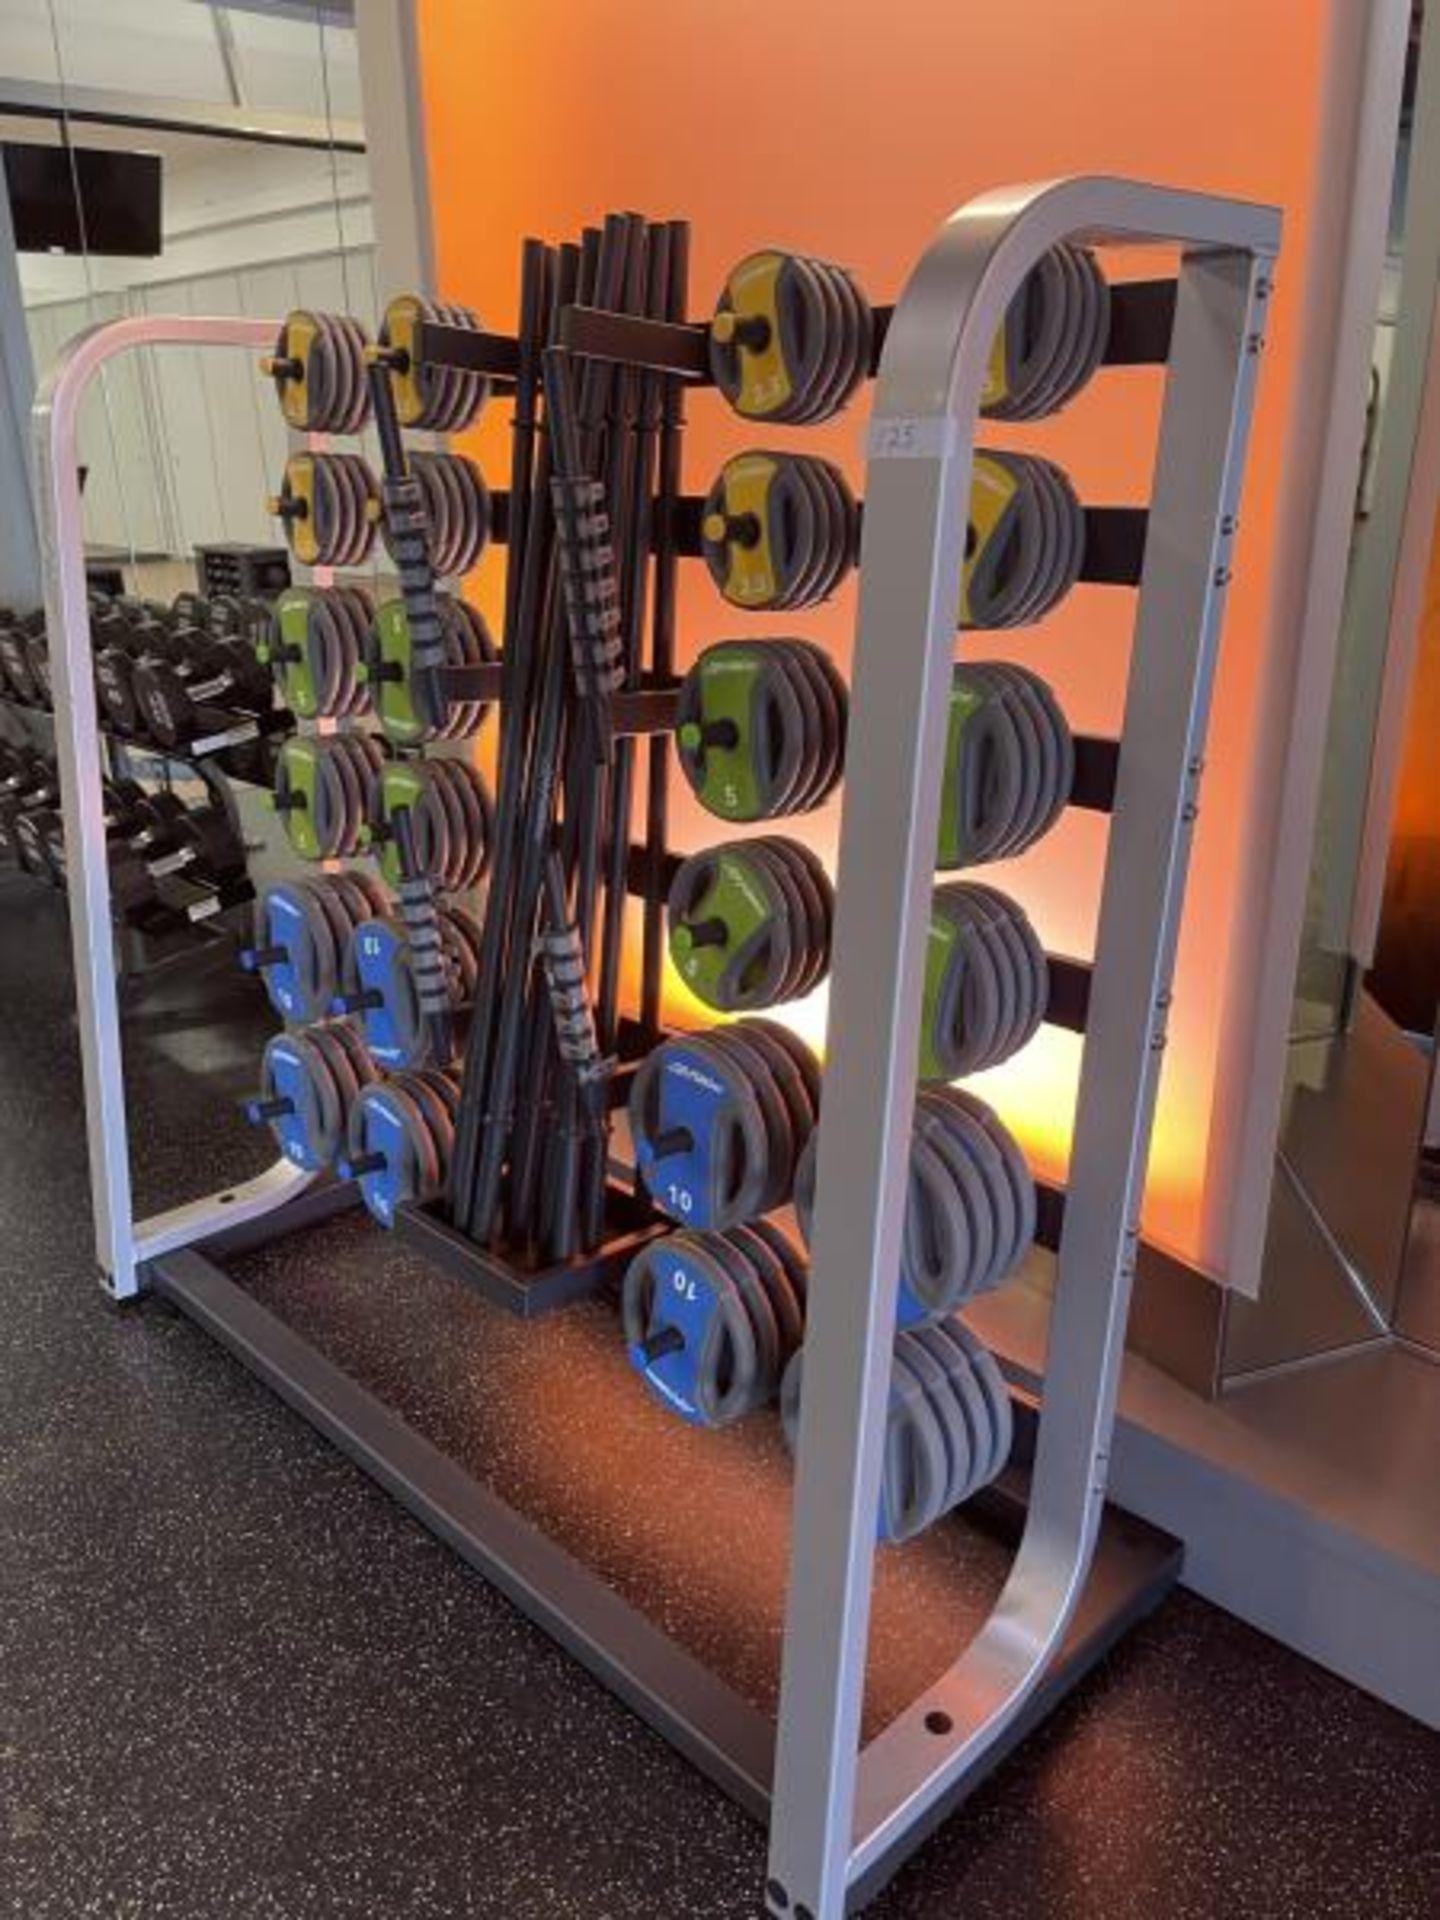 Life Fitness Studio Barbell Pack Urethane 2.5#, 5#, 10#, 13 Bars, Rack Model GBB - Image 2 of 9